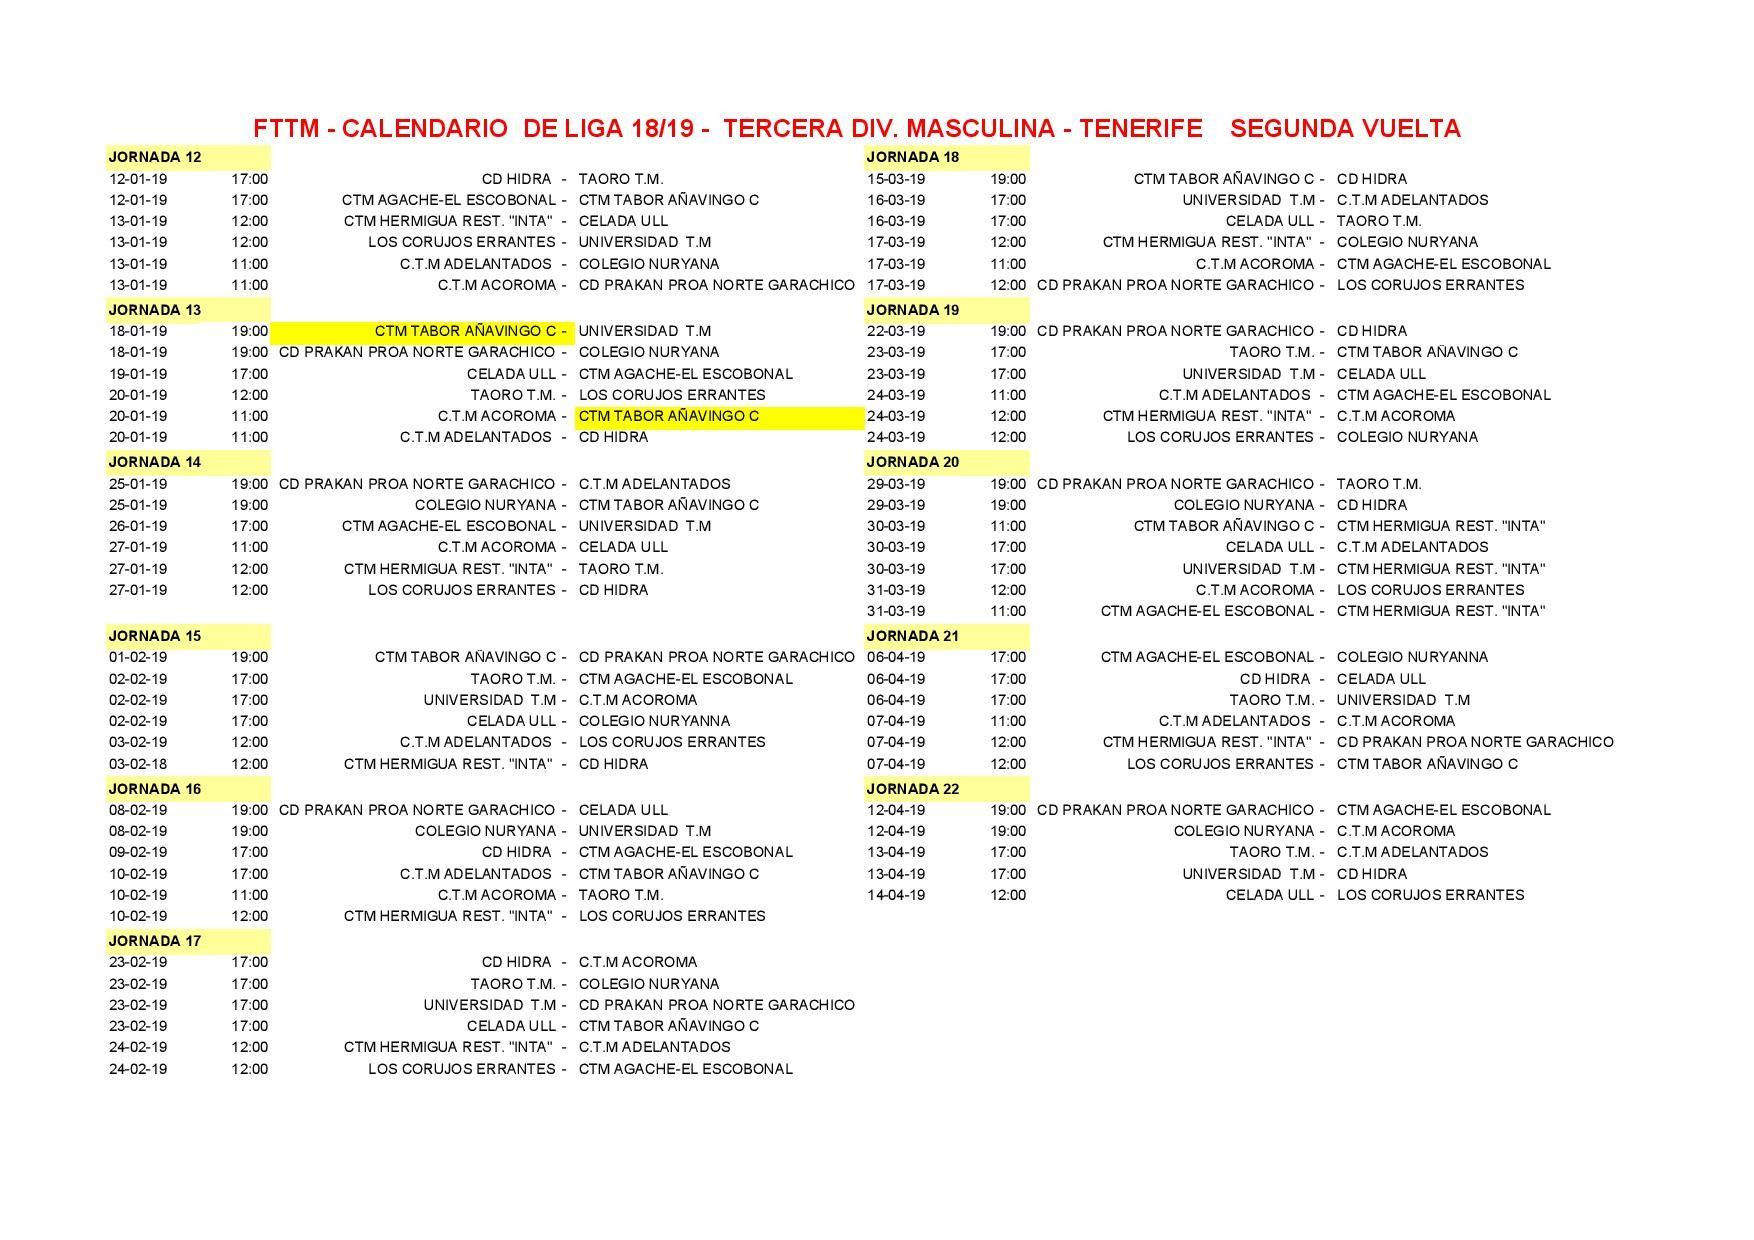 CALENDARIO DEFINITIVO TDM GRUPO TENERIFE 18 19 page 002